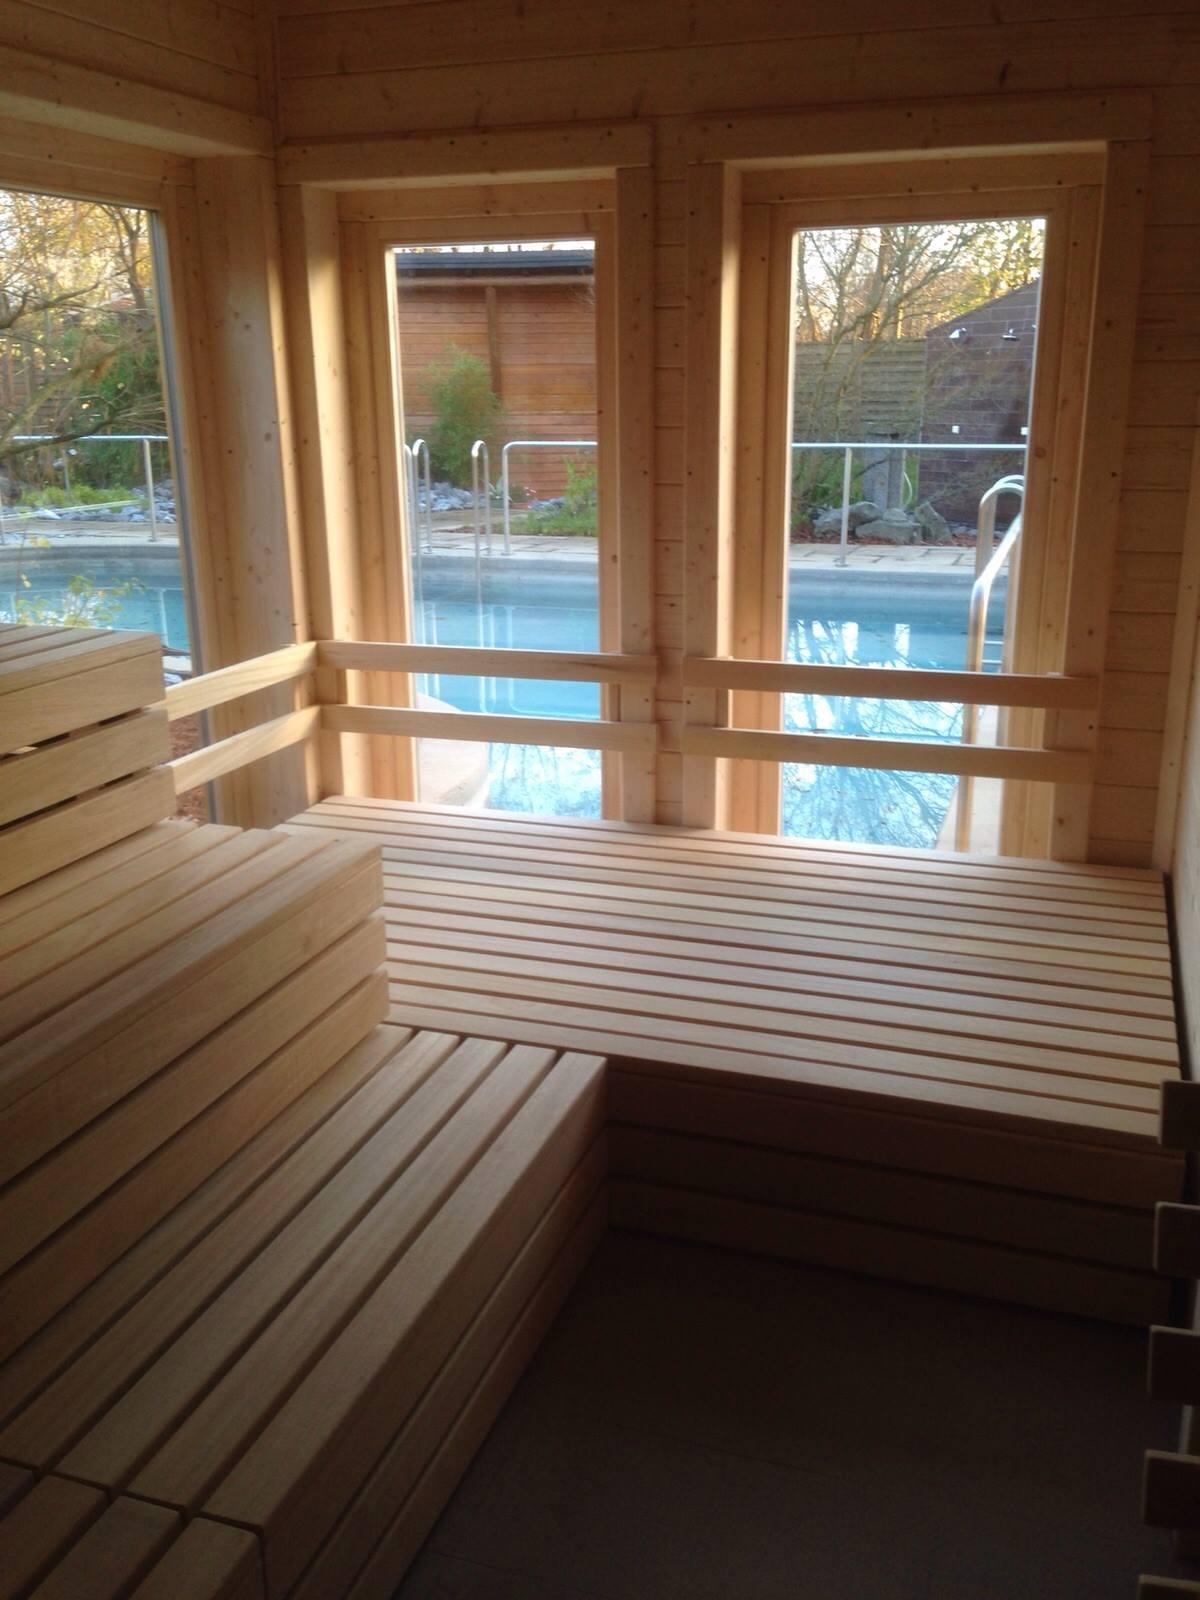 Sauna, Sitzflächen, Liegeflächen